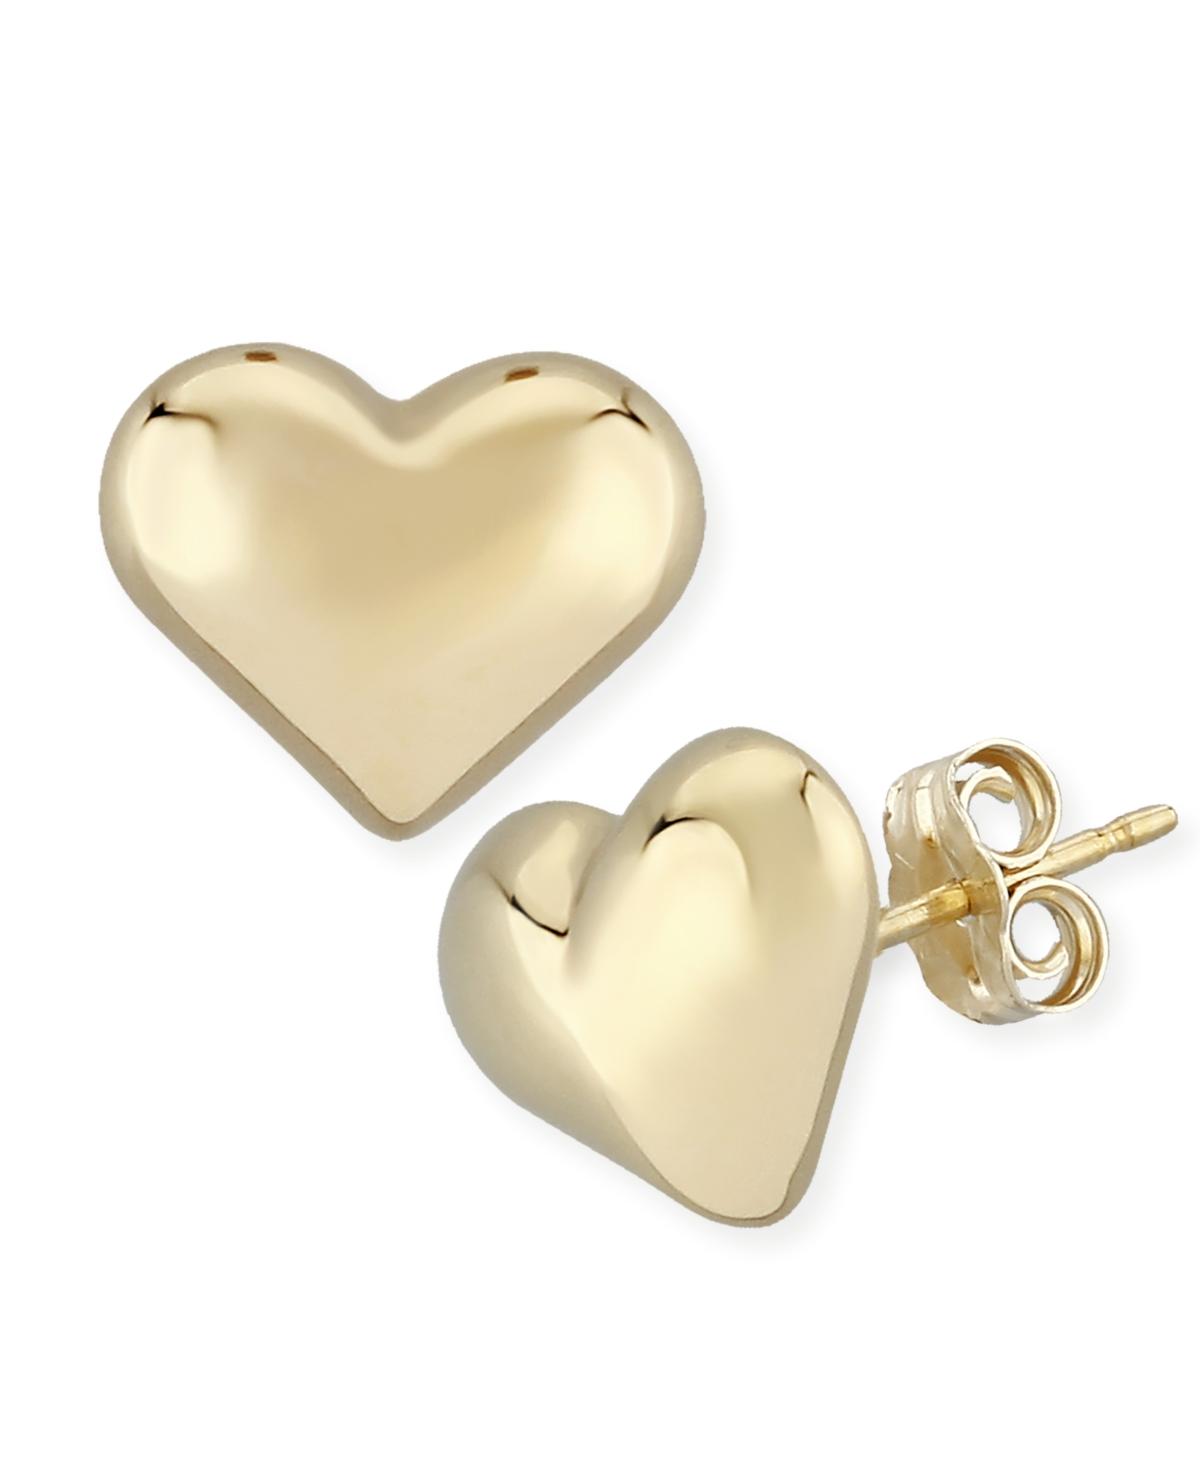 Puffed Heart Stud Earrings Set in 14k Yellow Gold (8mm)